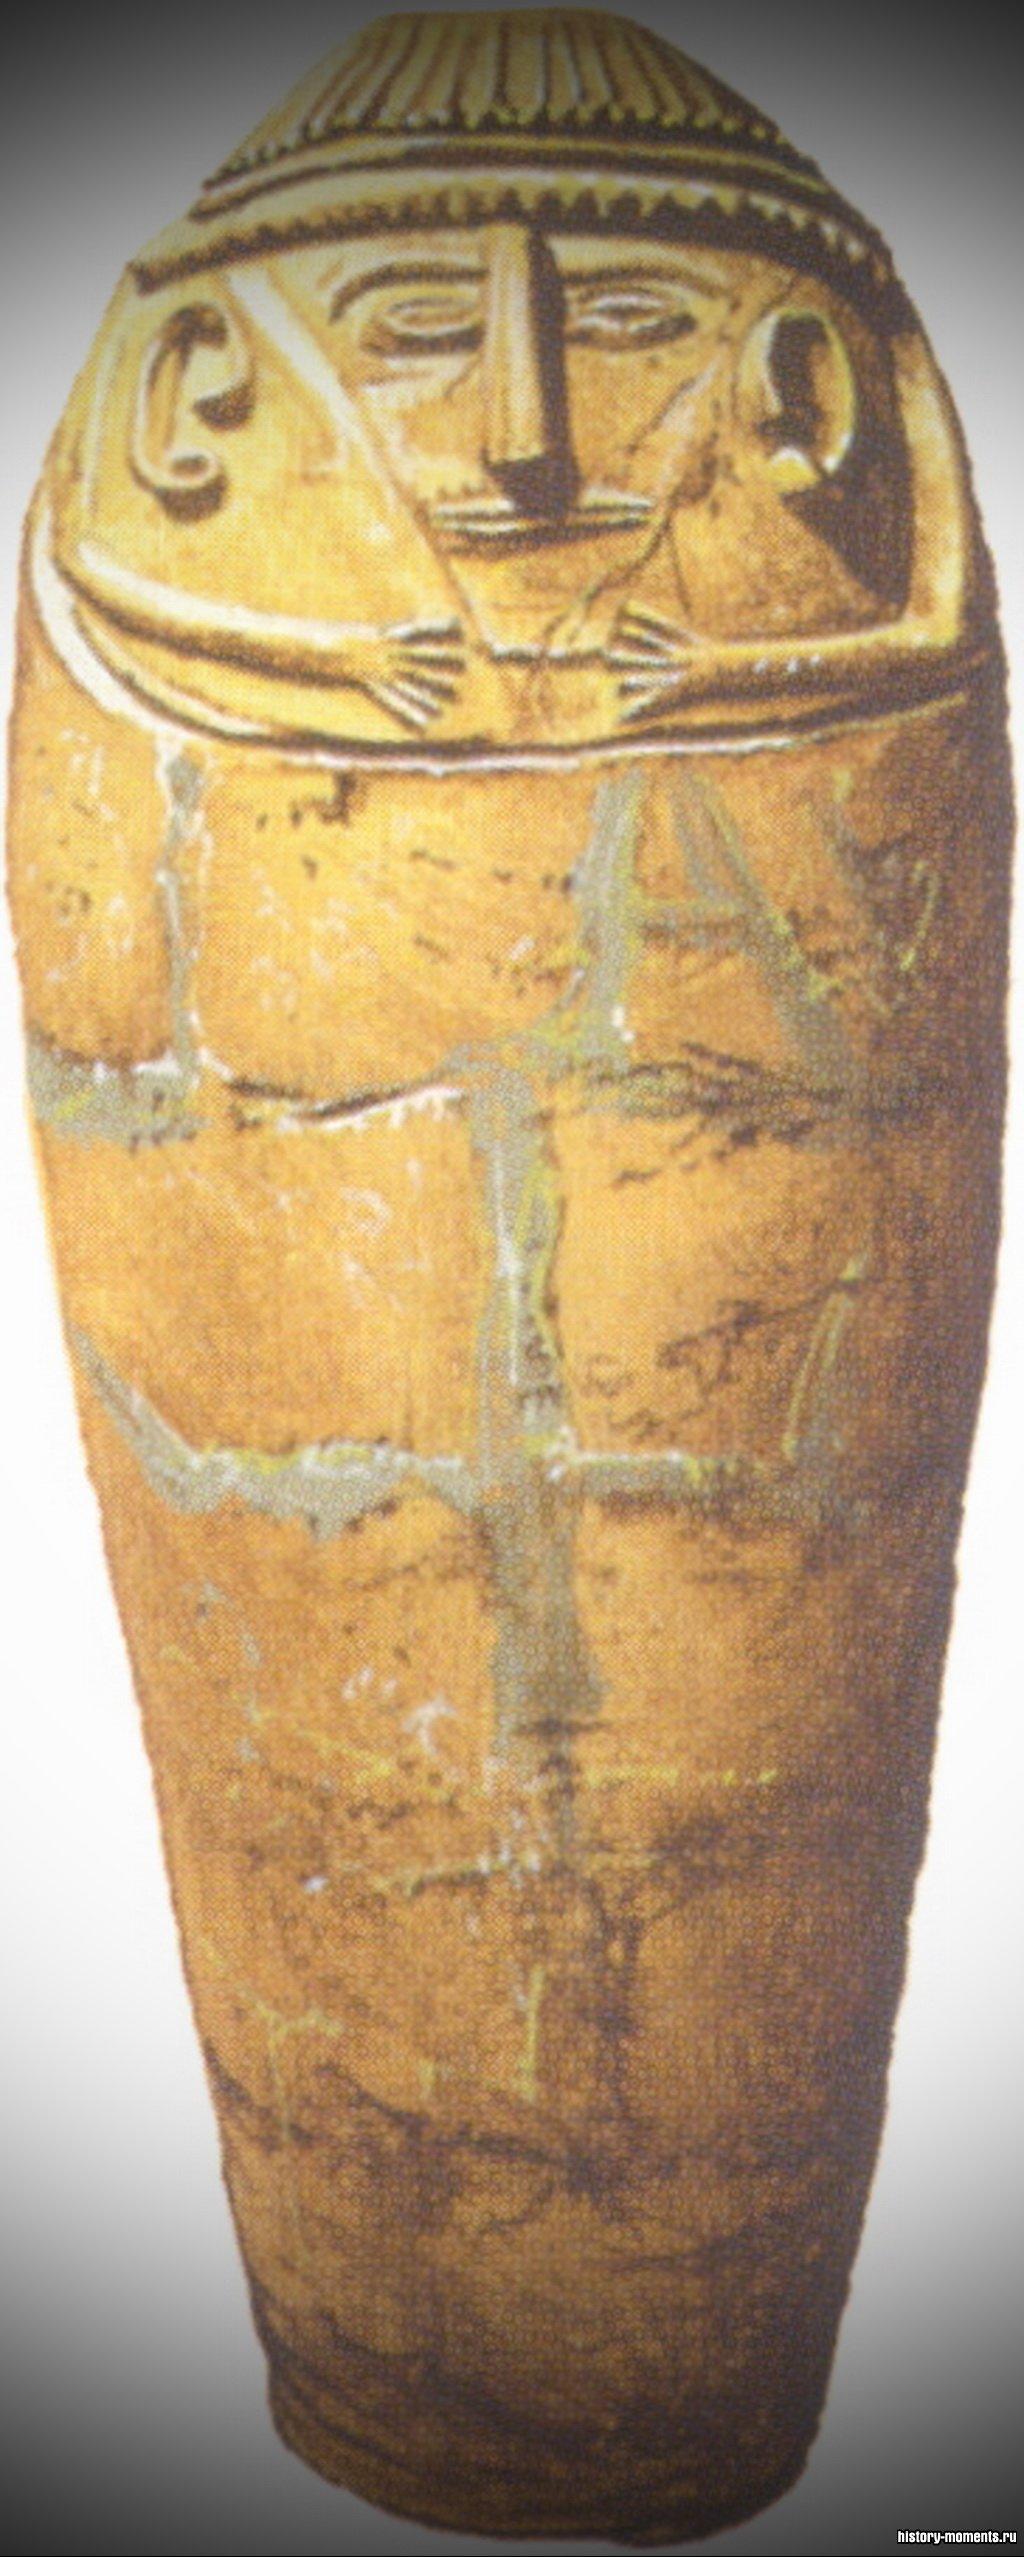 Филистимлянский саркофаг из обожженной глины.